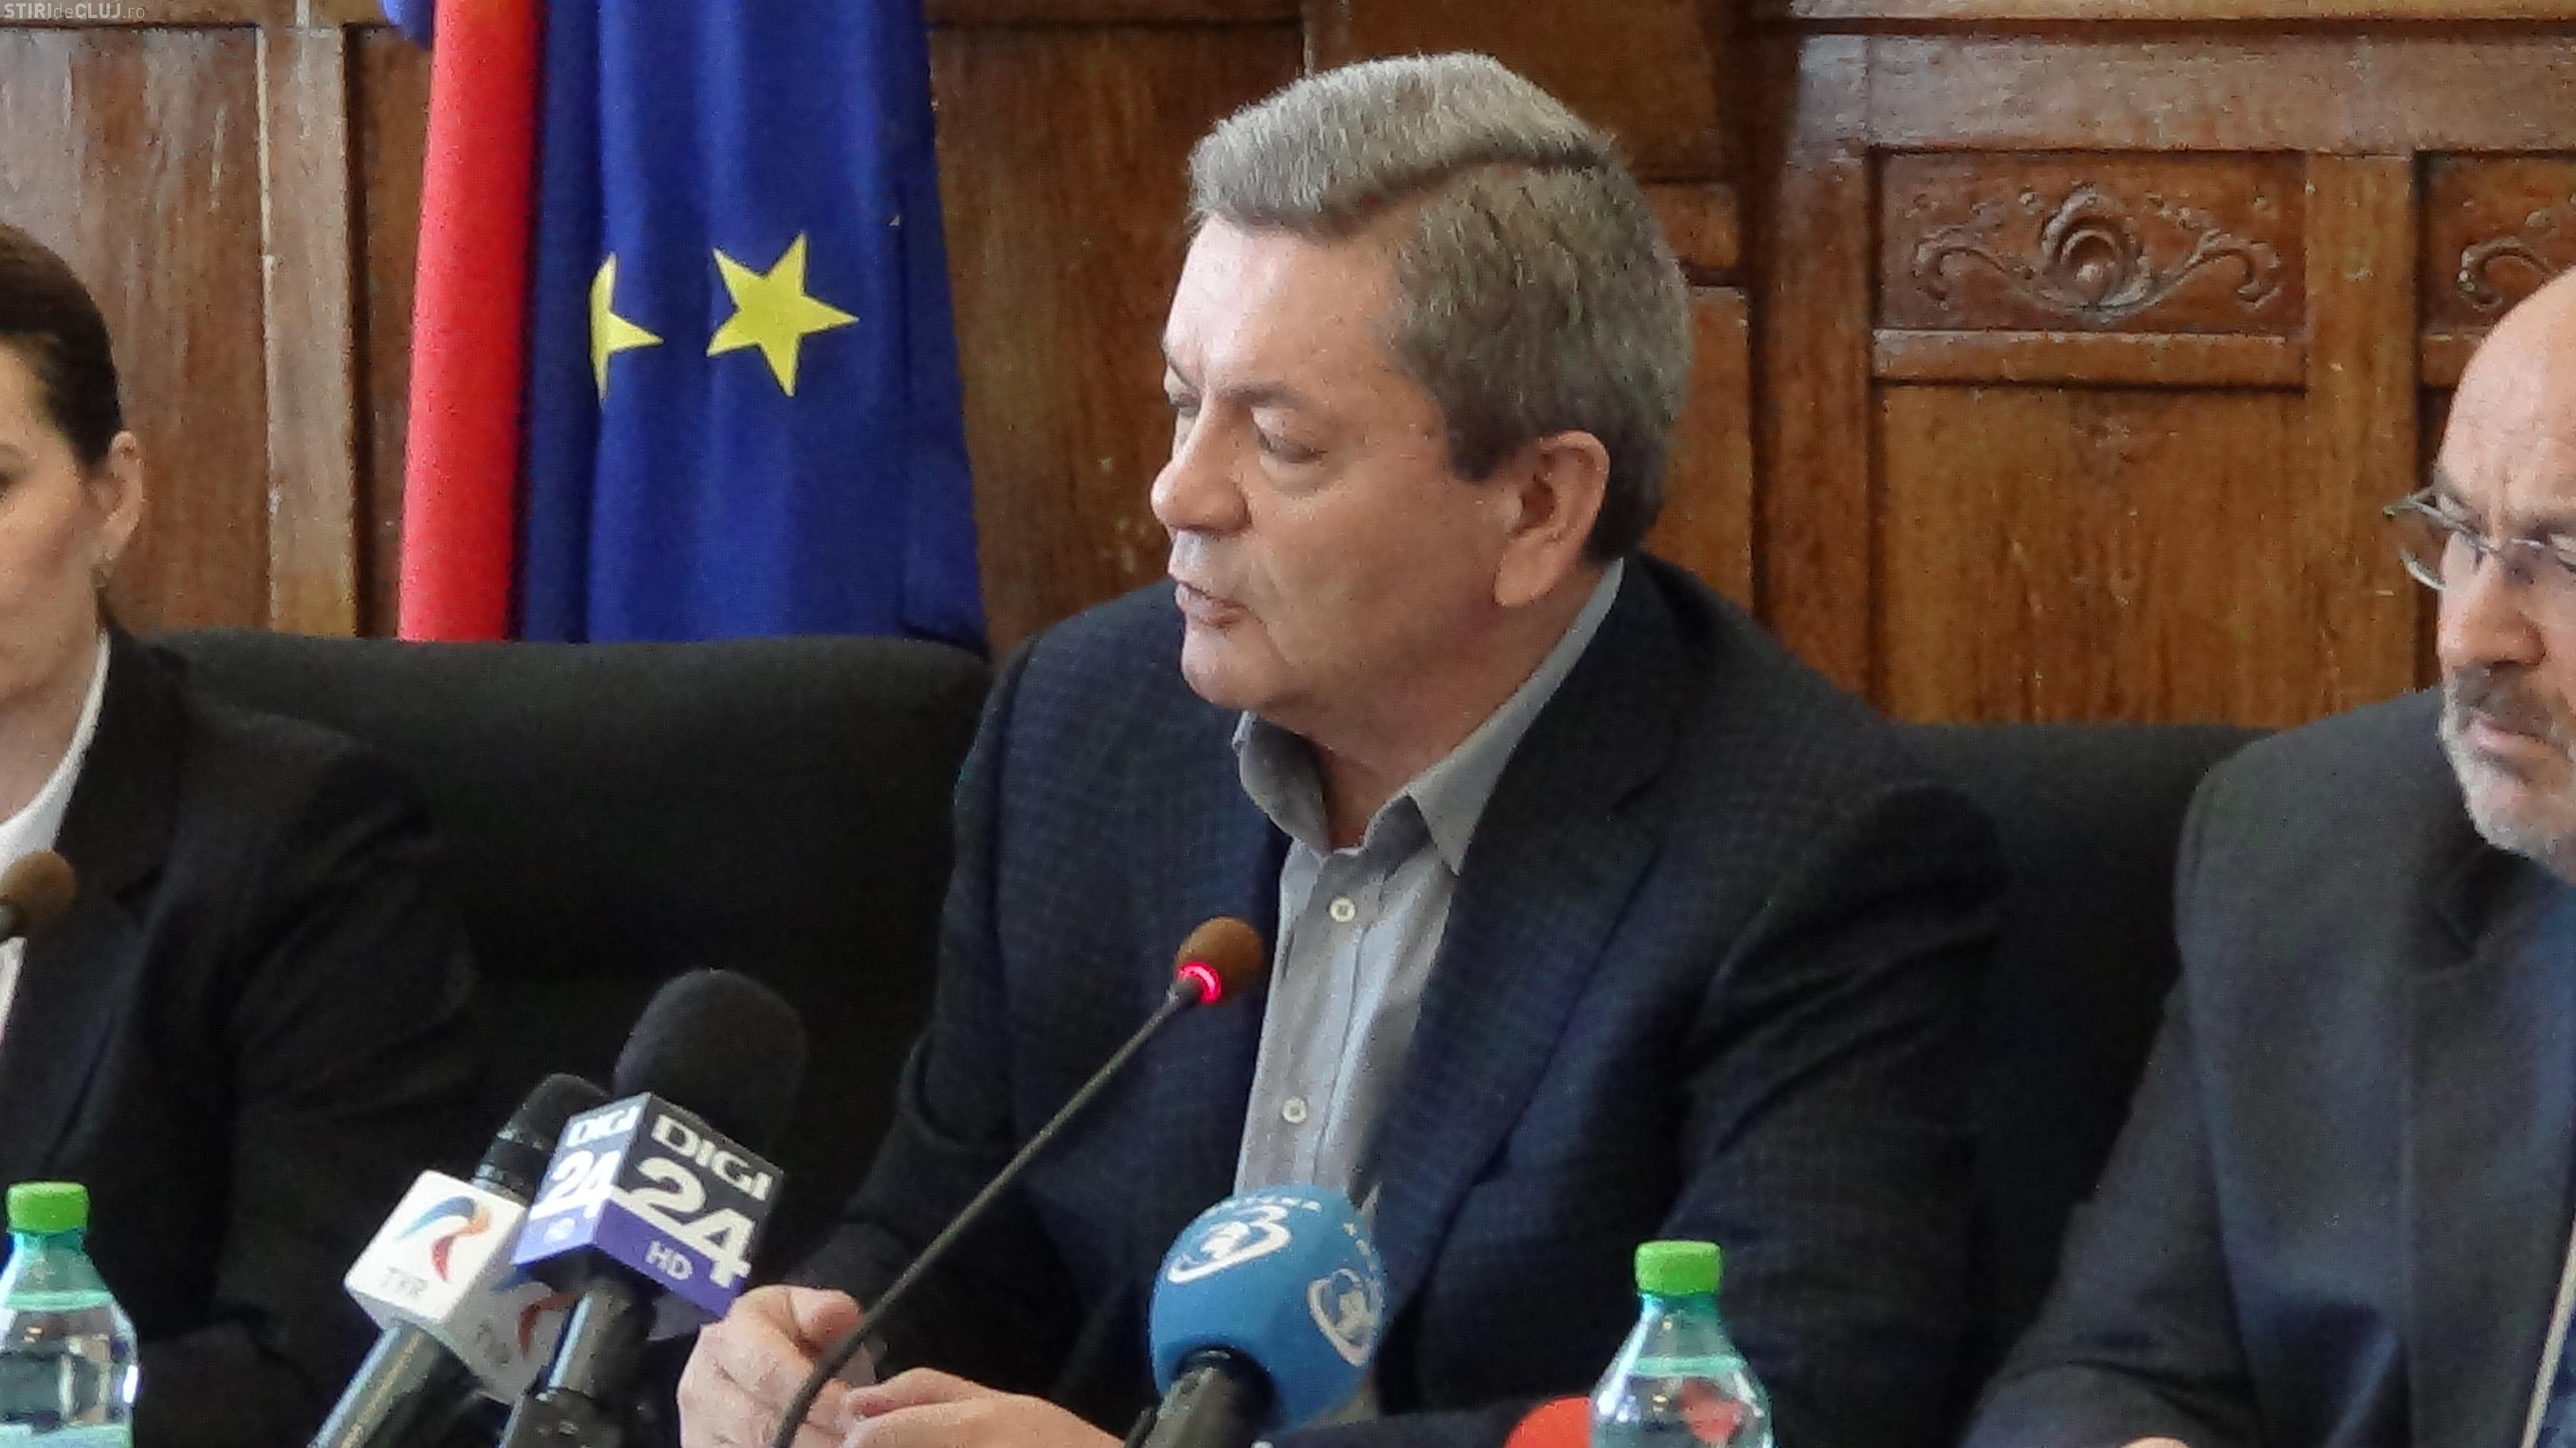 Ioan Rus: Trebuie să legăm Moldova de Transilvania. Acolo sunt zone subdezvoltate